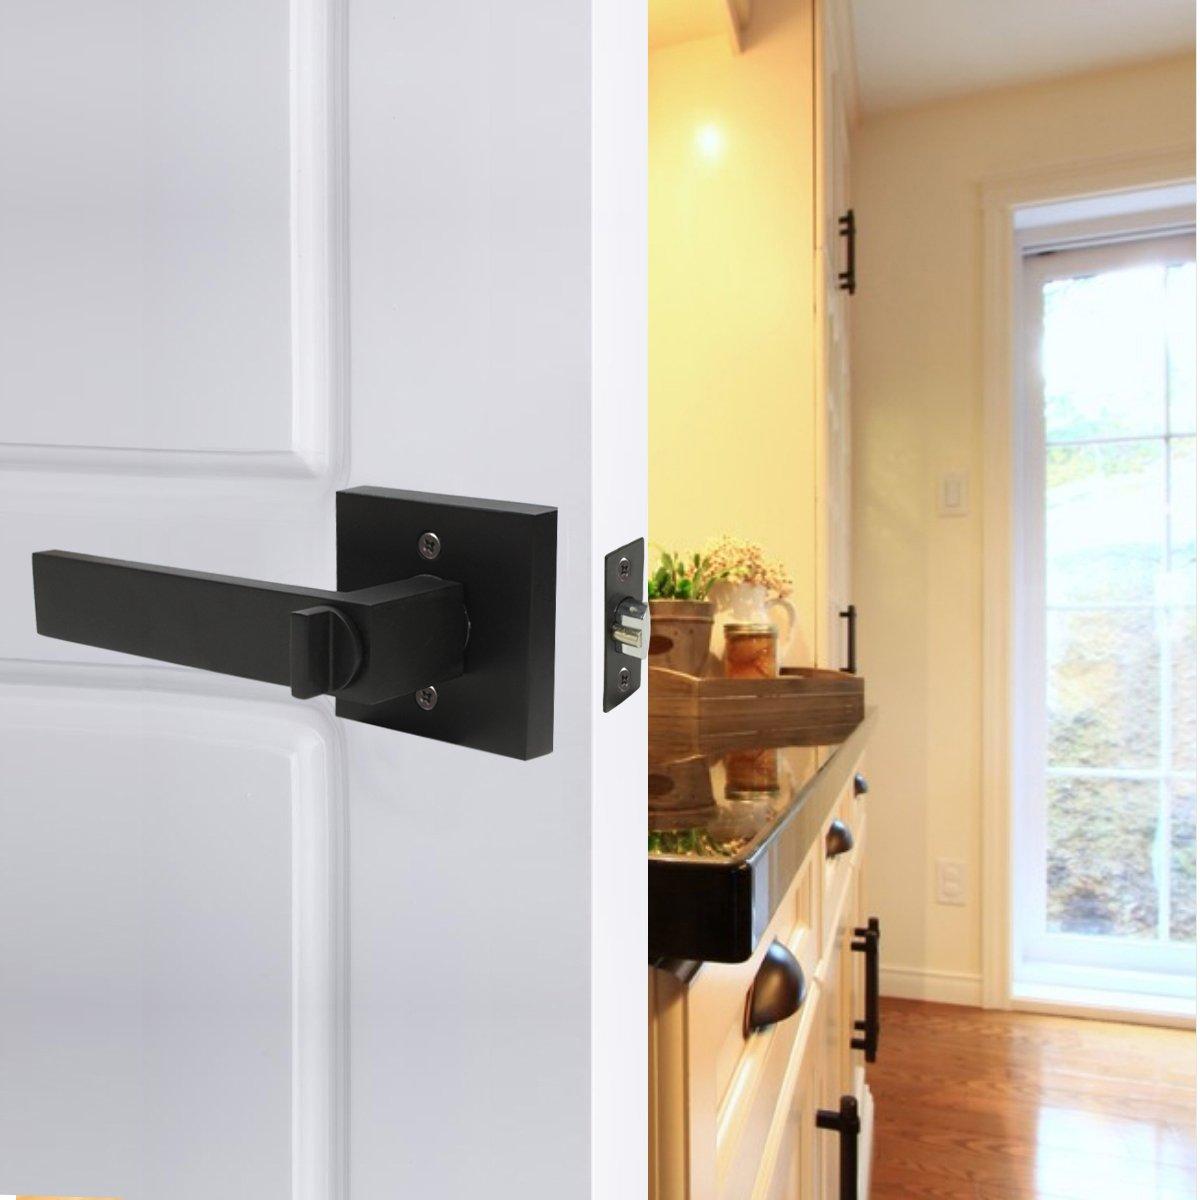 10 Pack Probrico Interior Bedroom Entrance Door Lever Doorknobs Door Lock One Keyway Entry Keyed Alike Same Key Entrance Lockset in Black Each with 3 Keys by Probrico (Image #8)